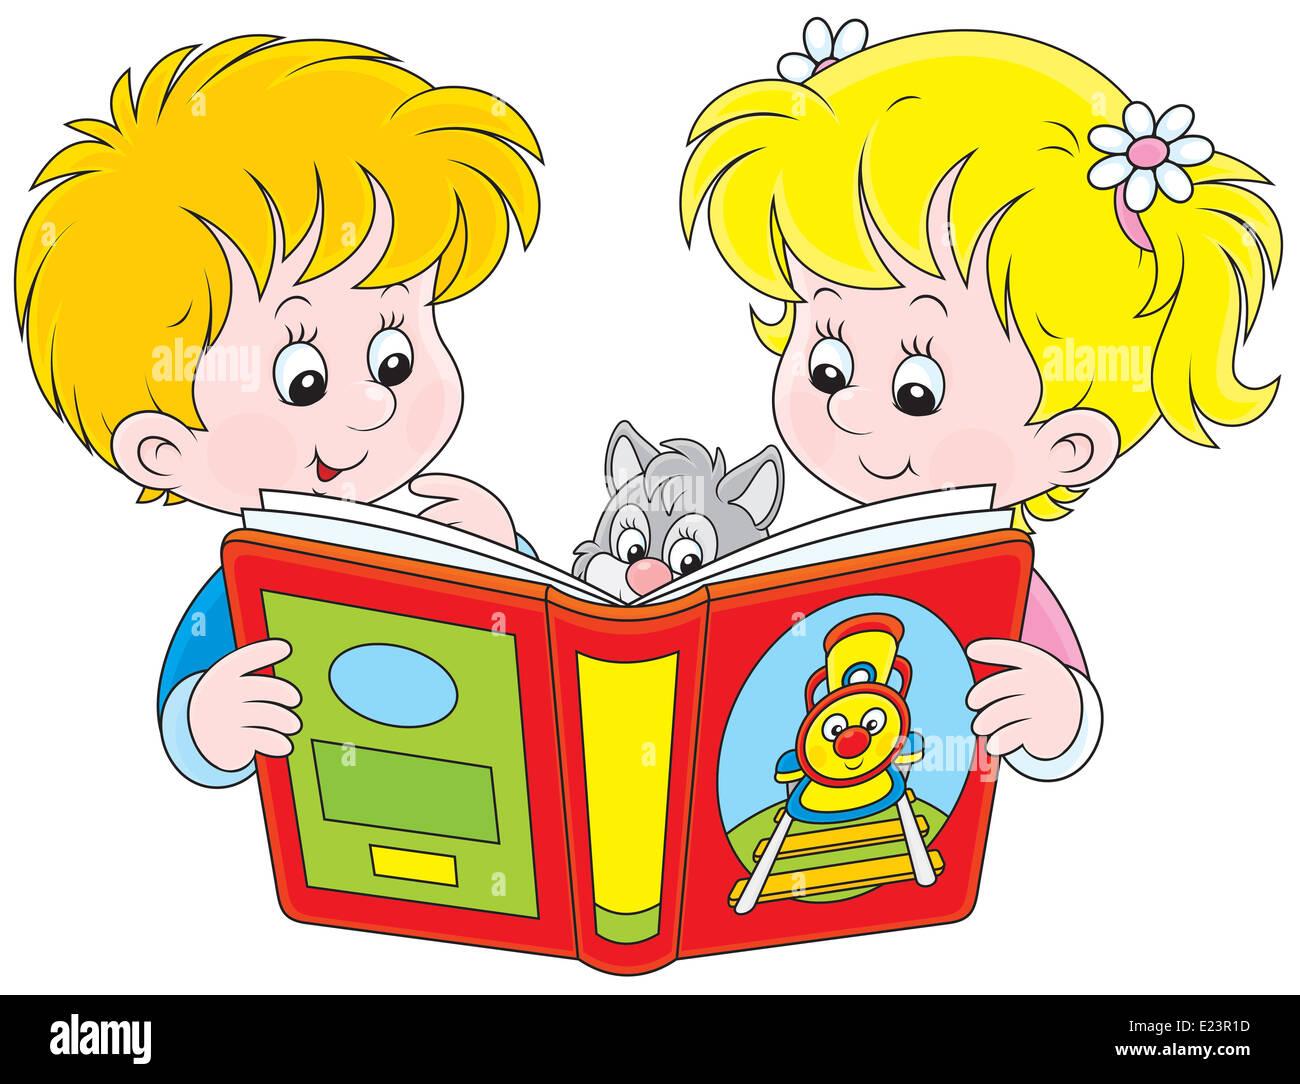 Children reading - Stock Image